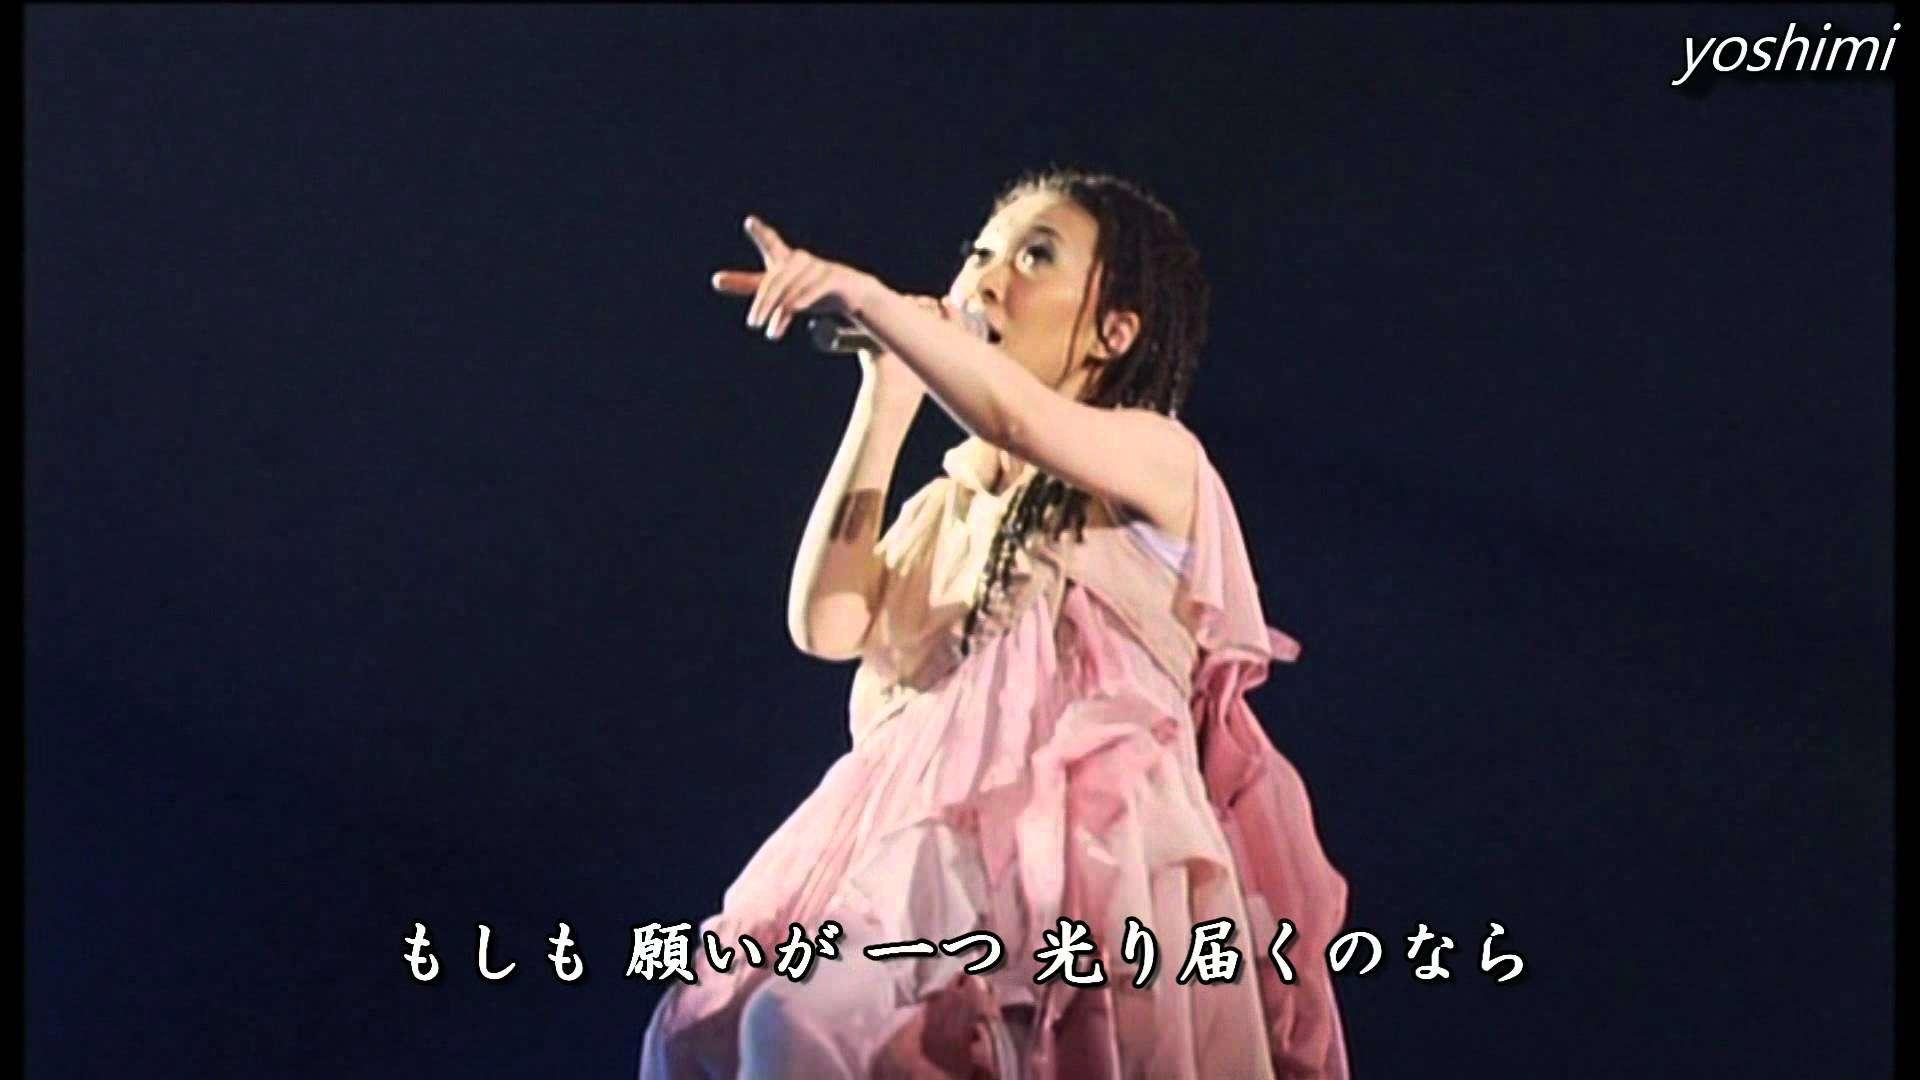 MISIA - 名前のない空を見上げて - THE SINGER SHOW THE TOUR OF MISIA 2005 - YouTube